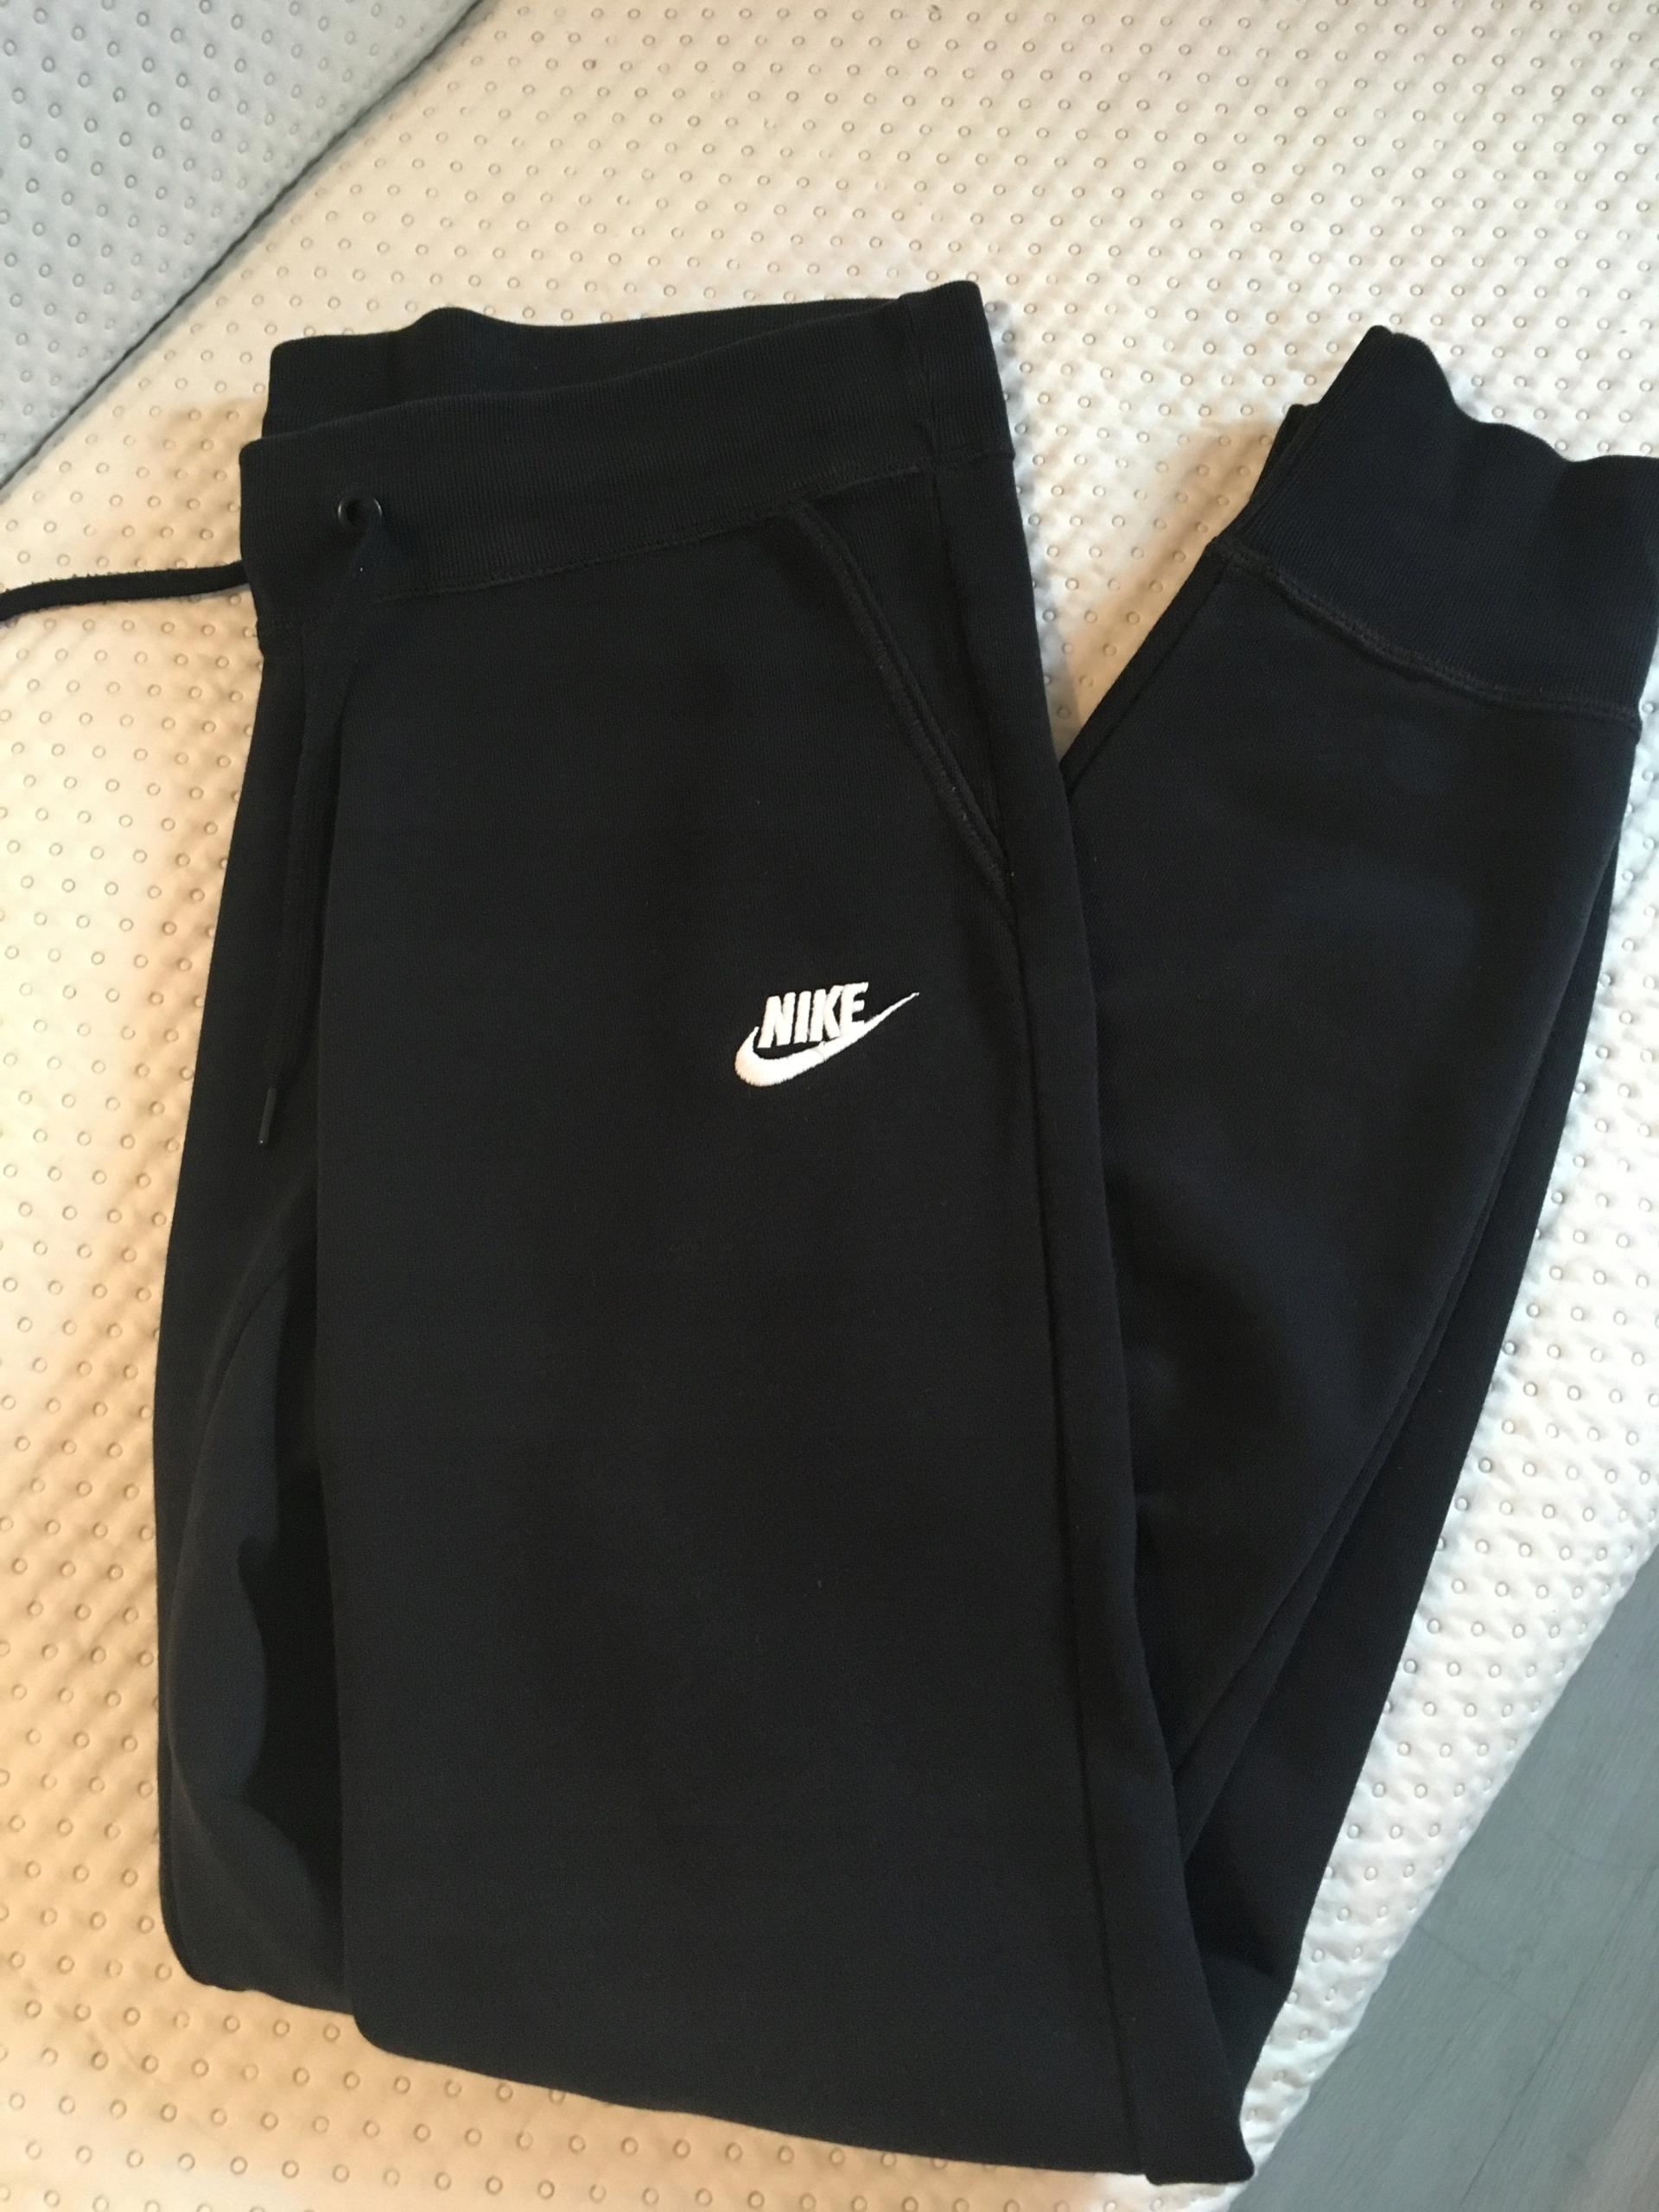 NIKE - spodnie dresowe bawełniane Fleece Tight